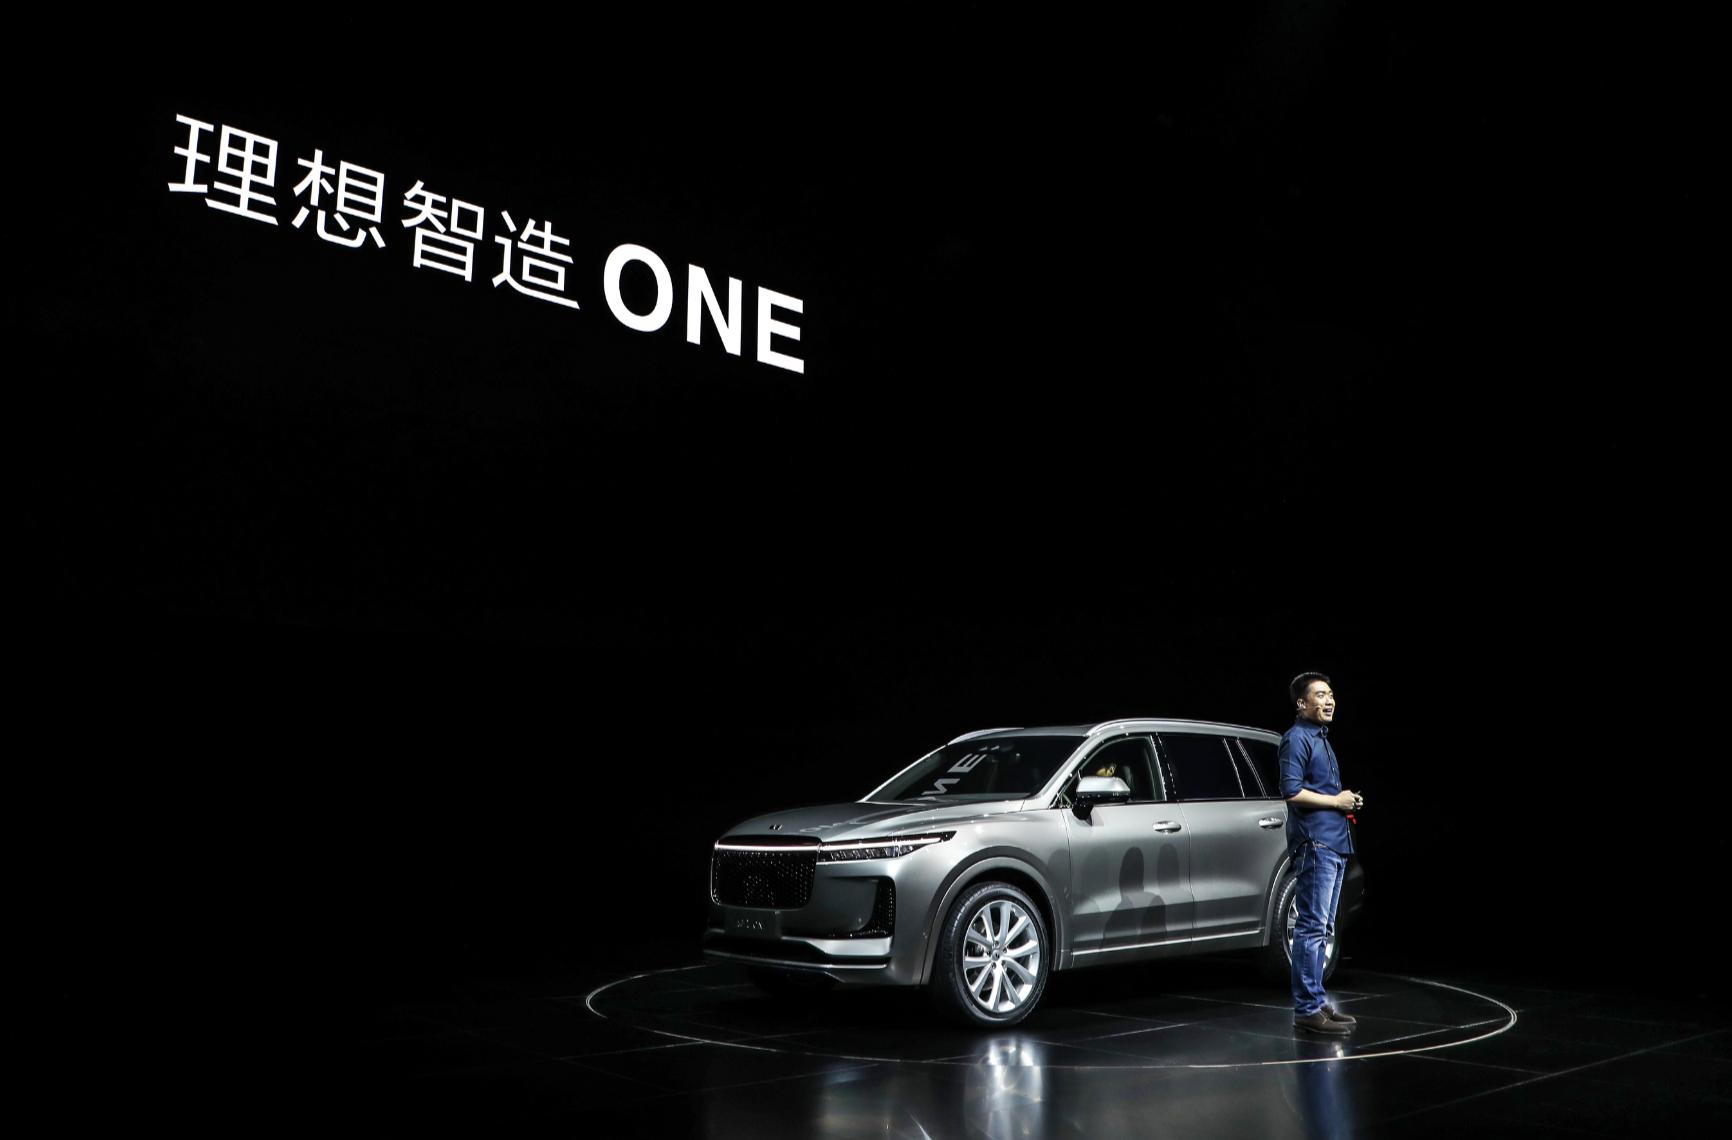 车和家公布新款SUV抱负智造ONE 补贴前代价在40万元内